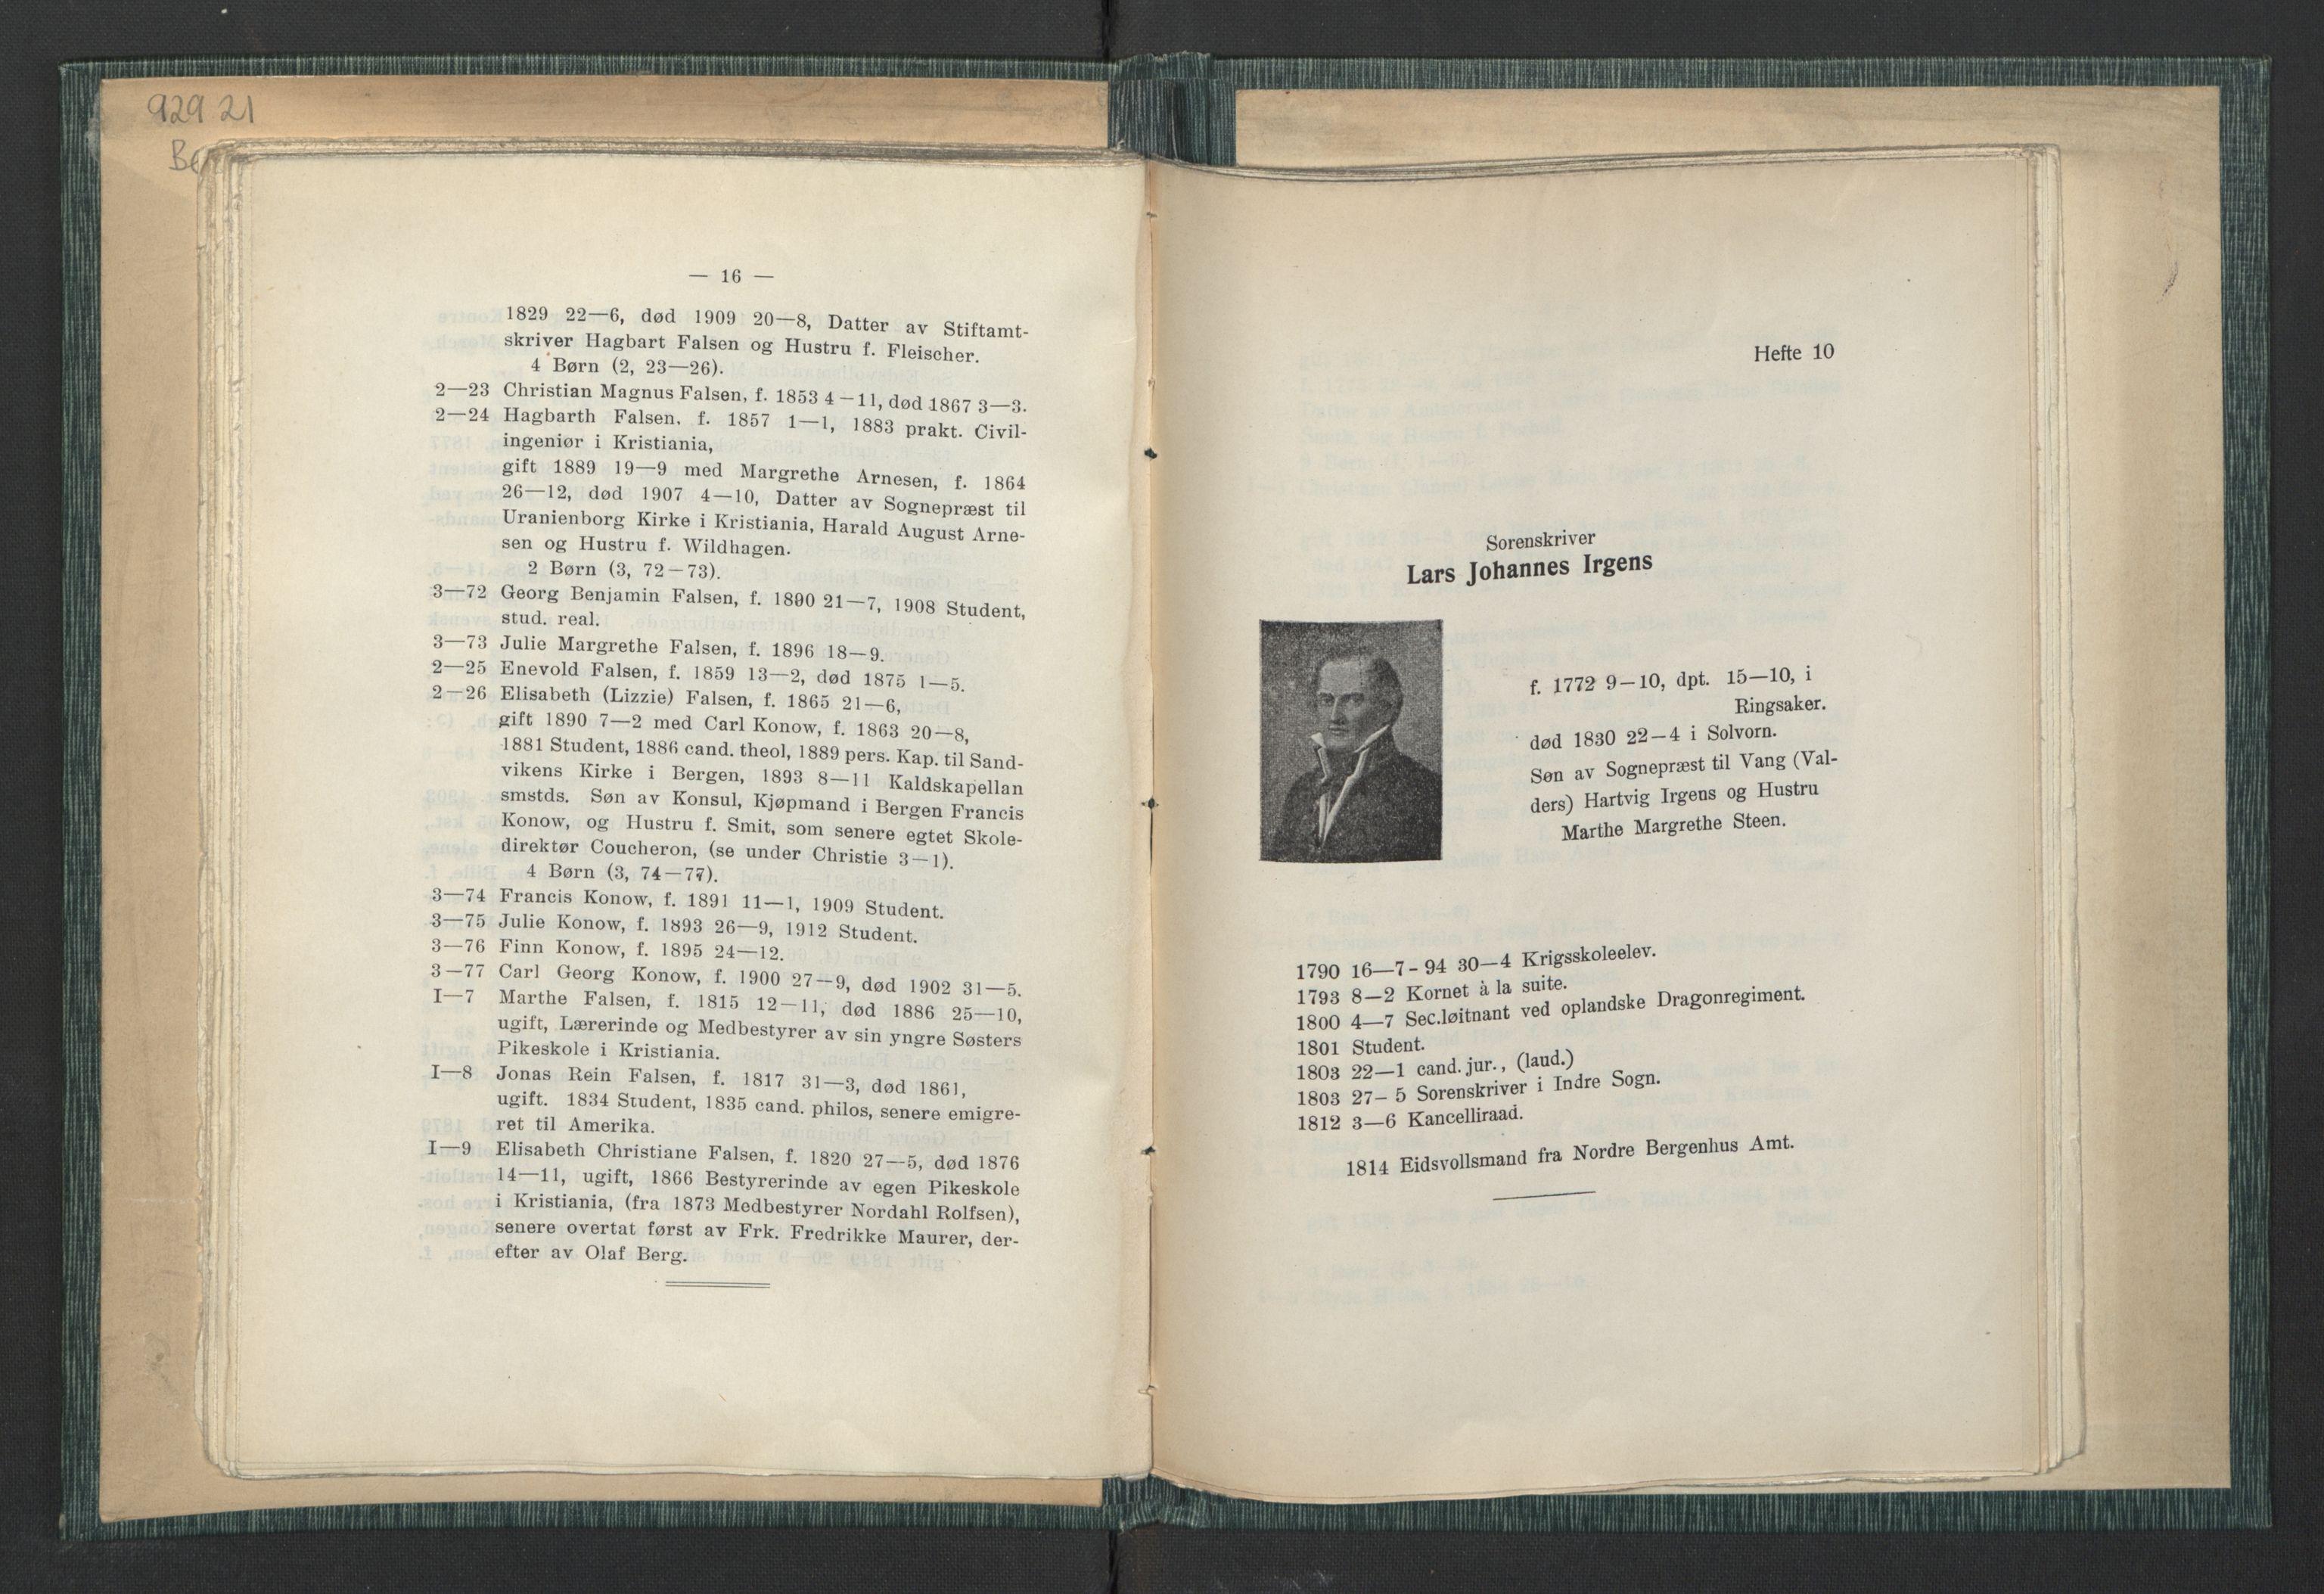 RA, Publikasjoner*, 1914, s. 49